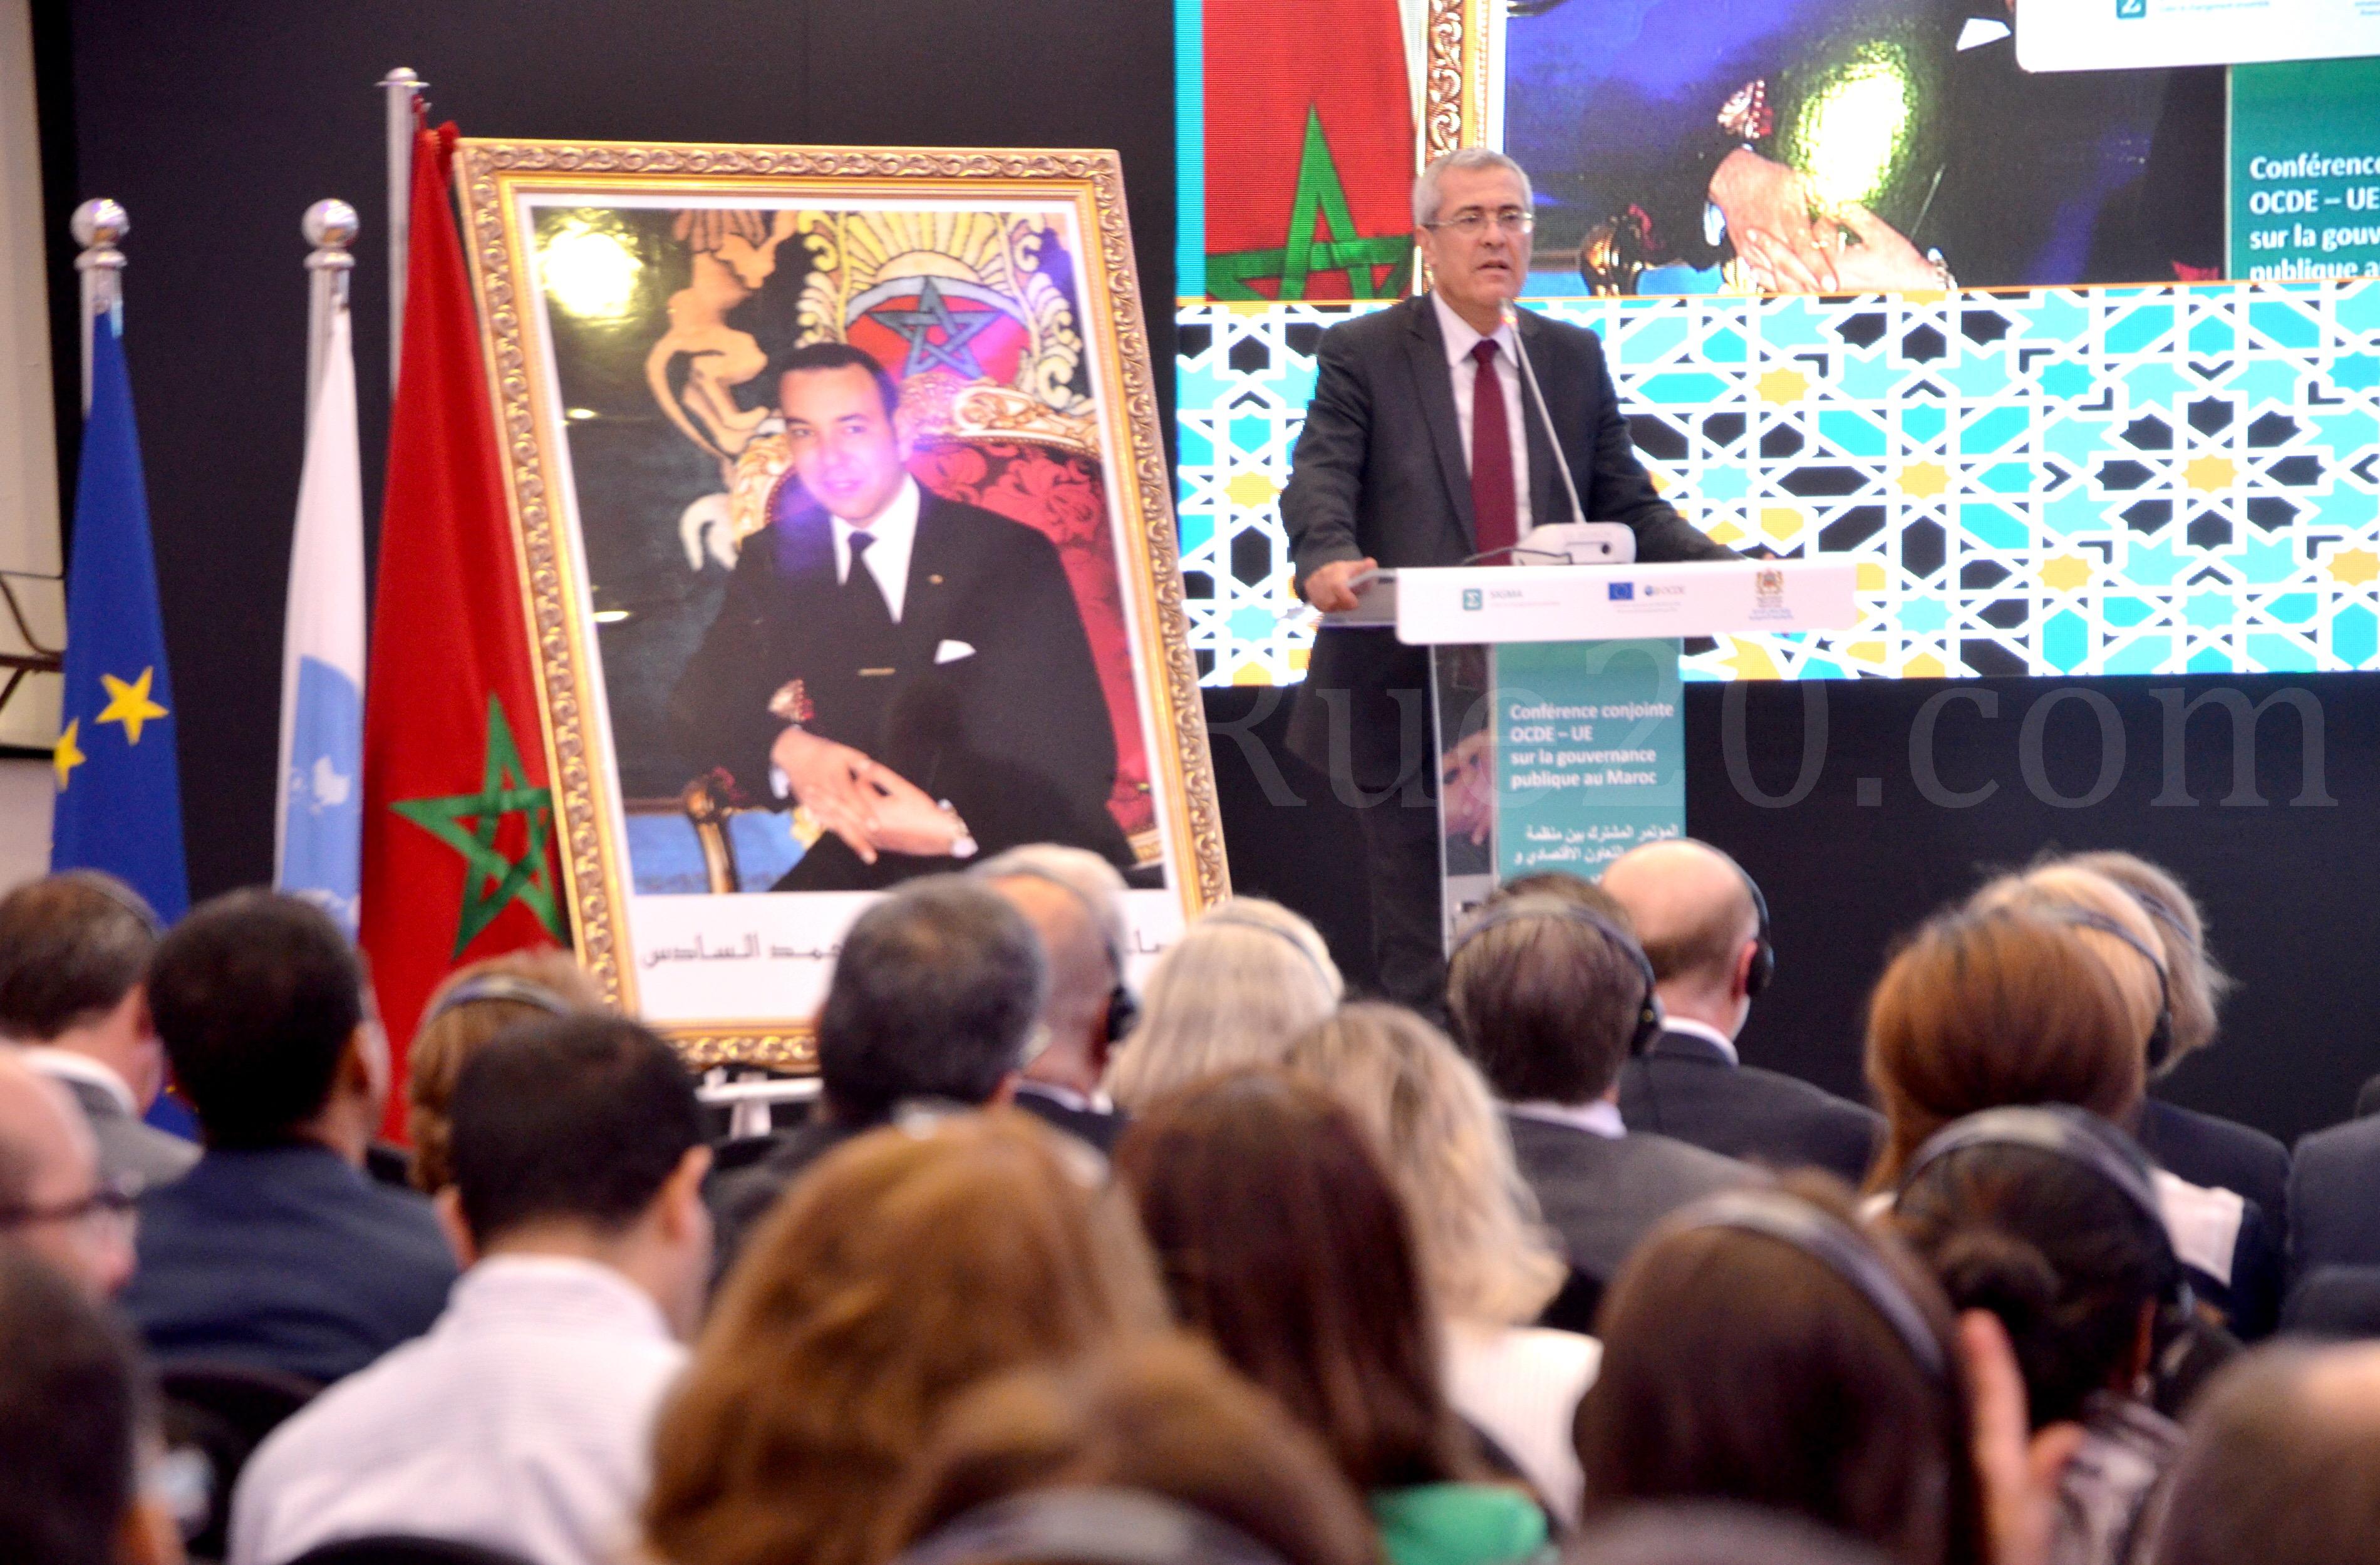 بنعبد القادر: إصلاح الإدارة النواة الرئيسية لإصلاح الاوضاع الاقتصادية والاجتماعية وتخطي العوائق